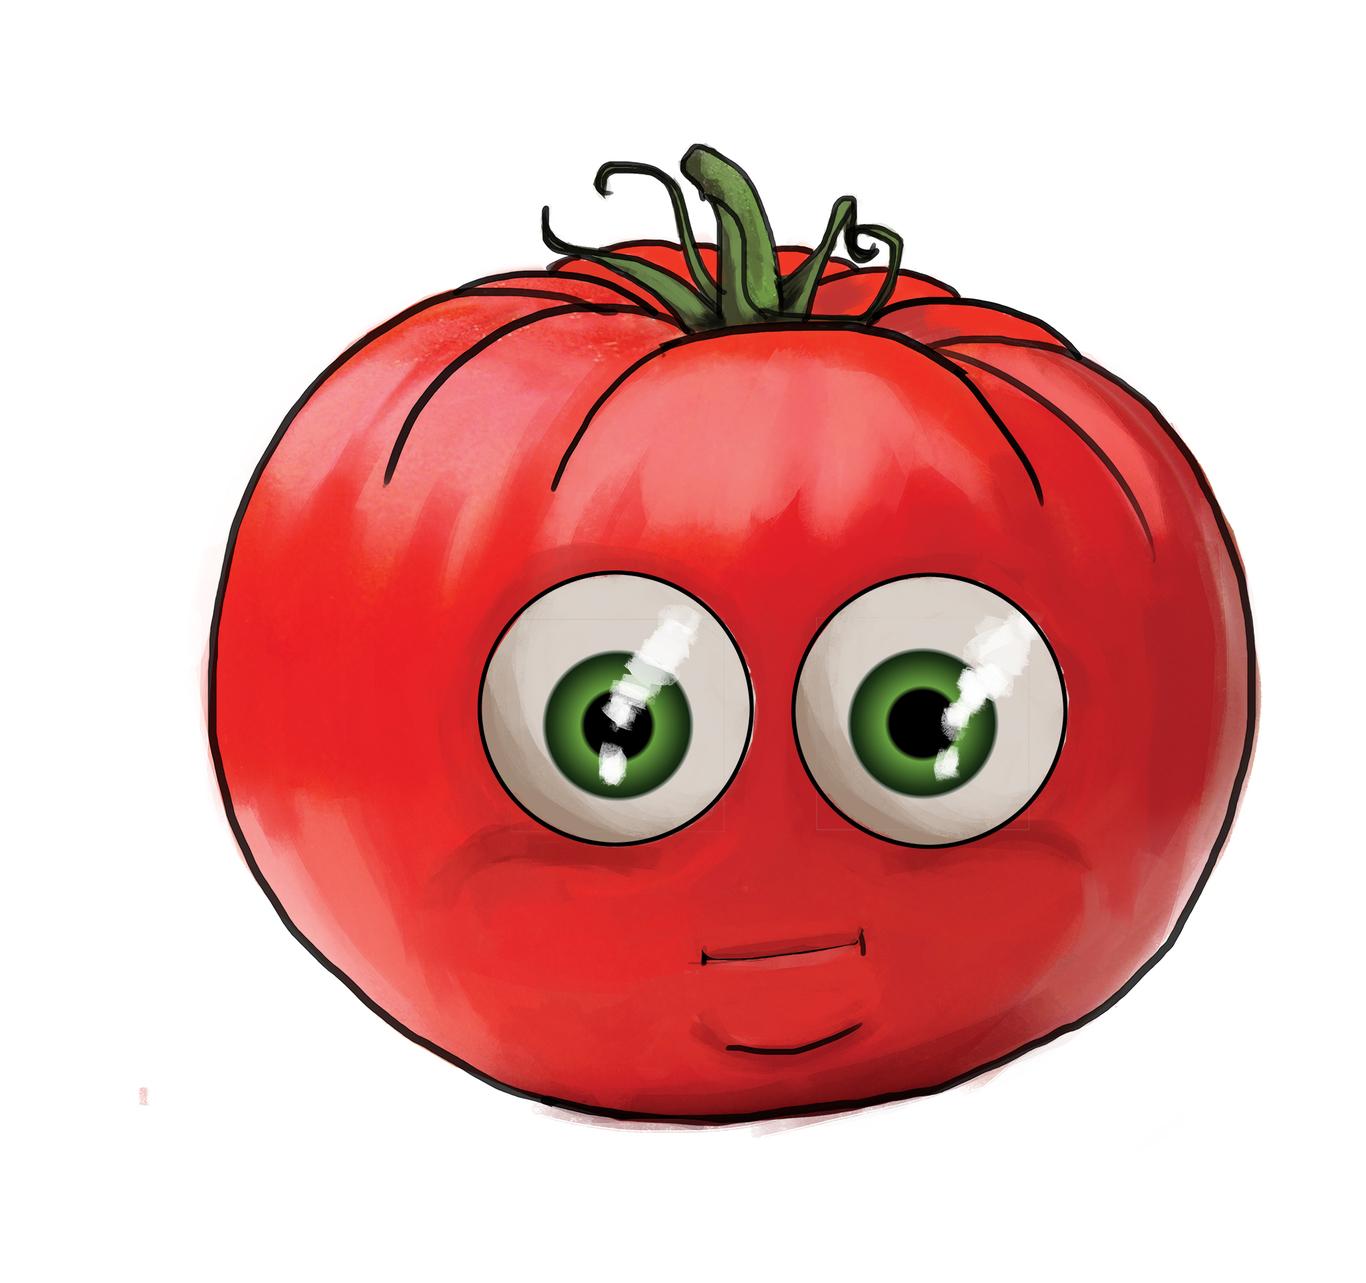 Картинка помидор с глазками плохо мае